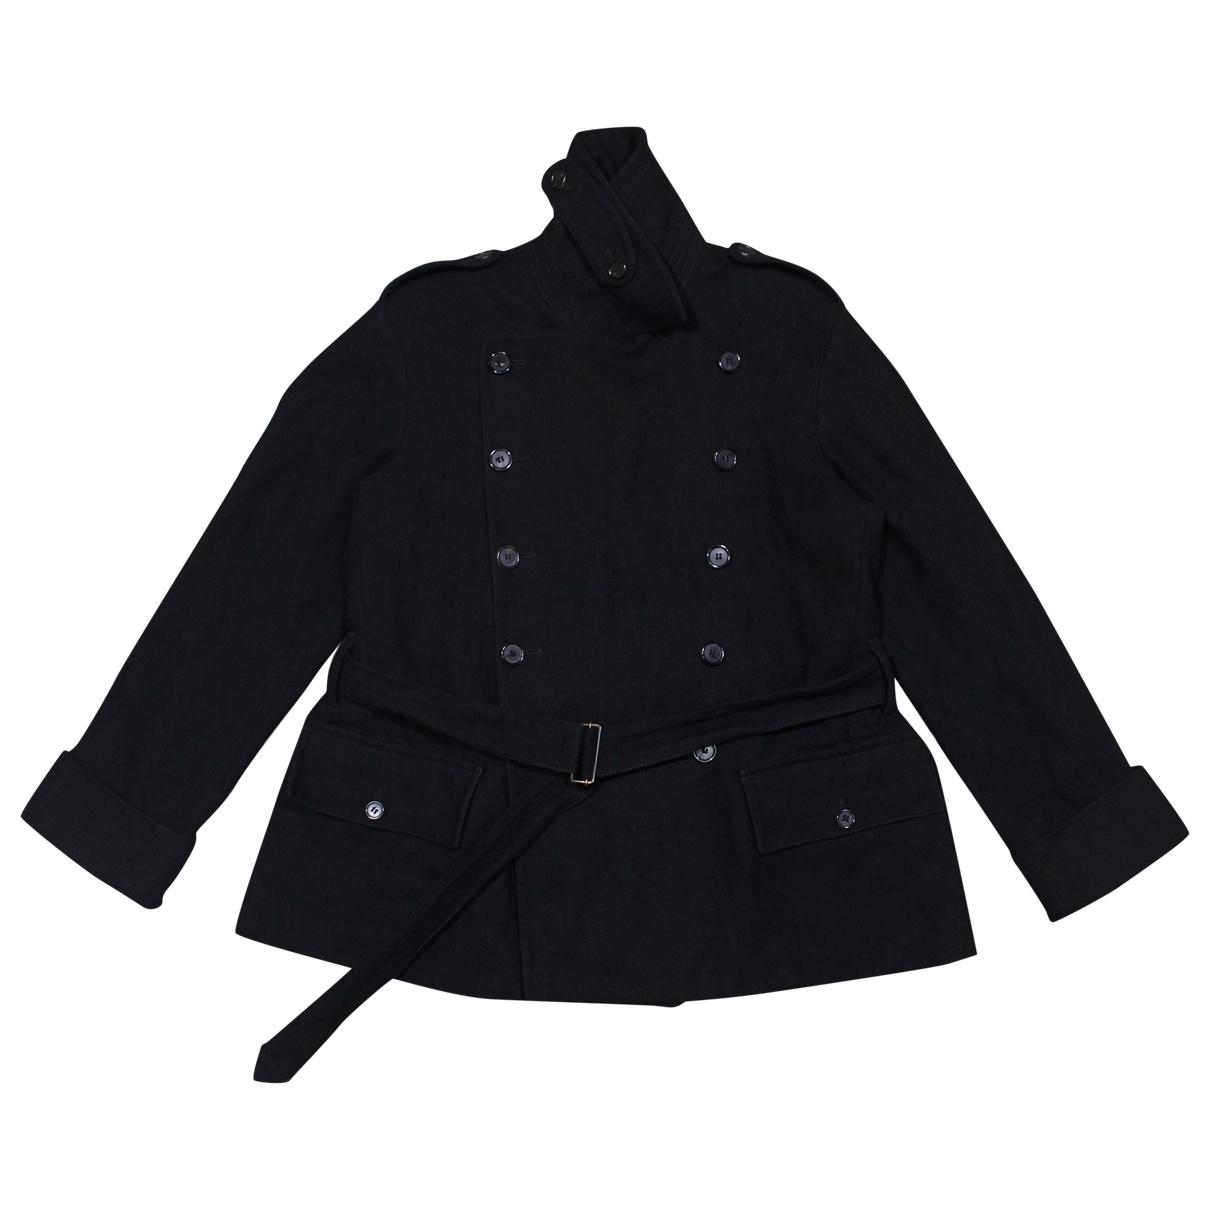 Ann Demeulemeester \N Black Wool coat for Women 38 IT